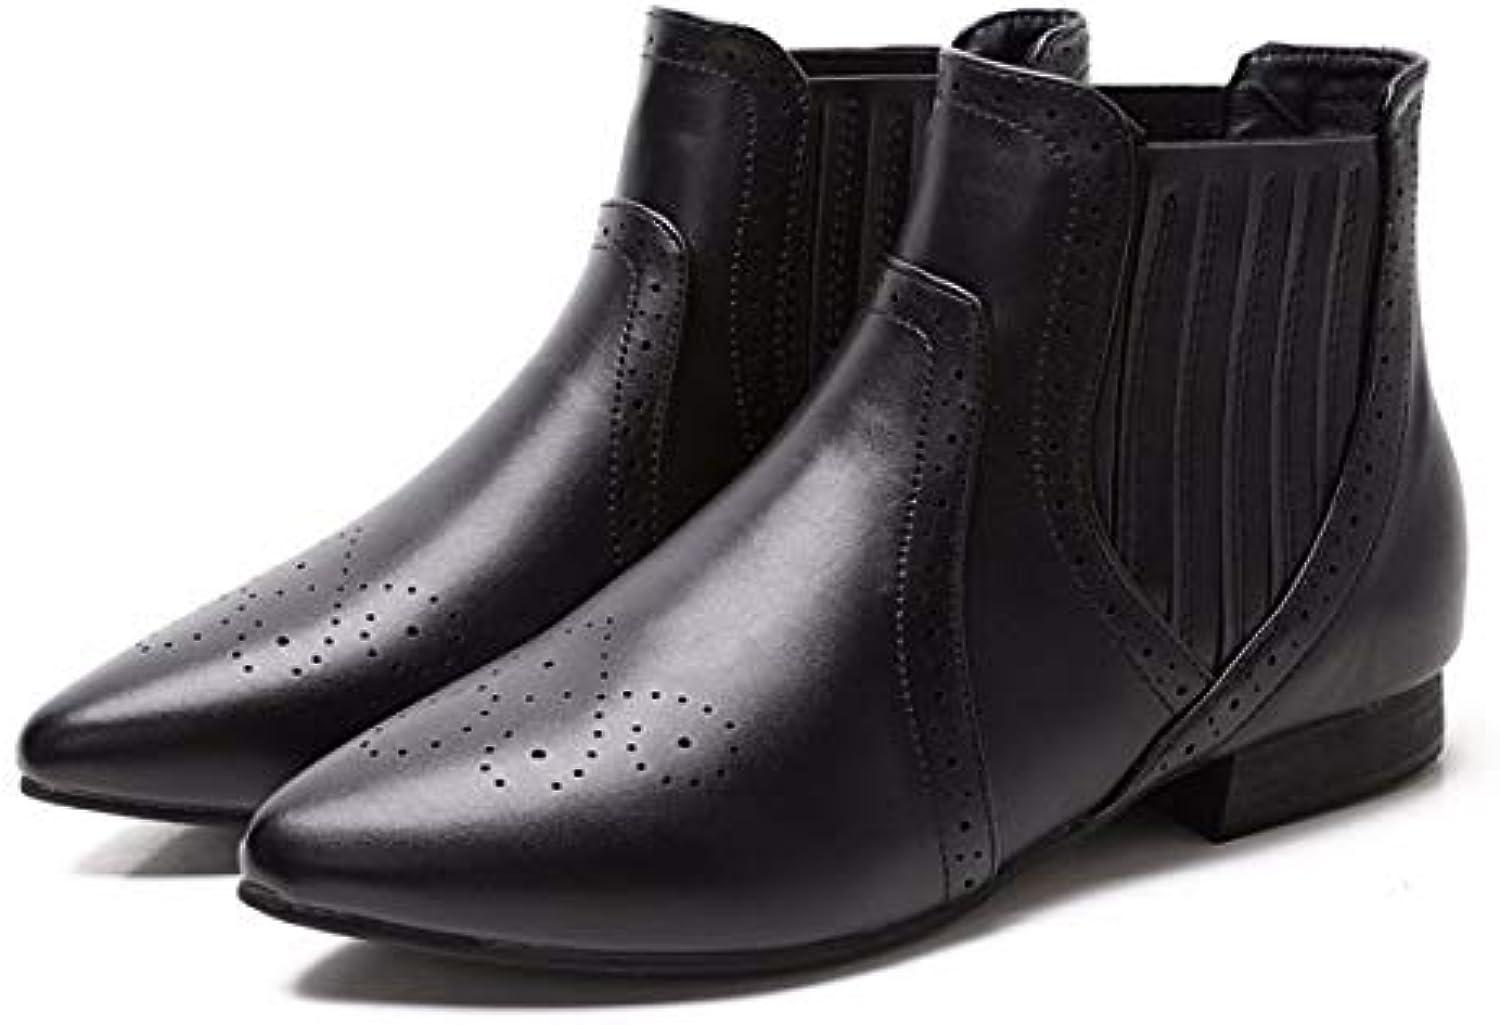 KOKQSX-Signore Gli Gli Gli Stivali Cuoio Moda Conforto Breve Stivali Chelsea stivali. 40 nero | Online Store  7e7706